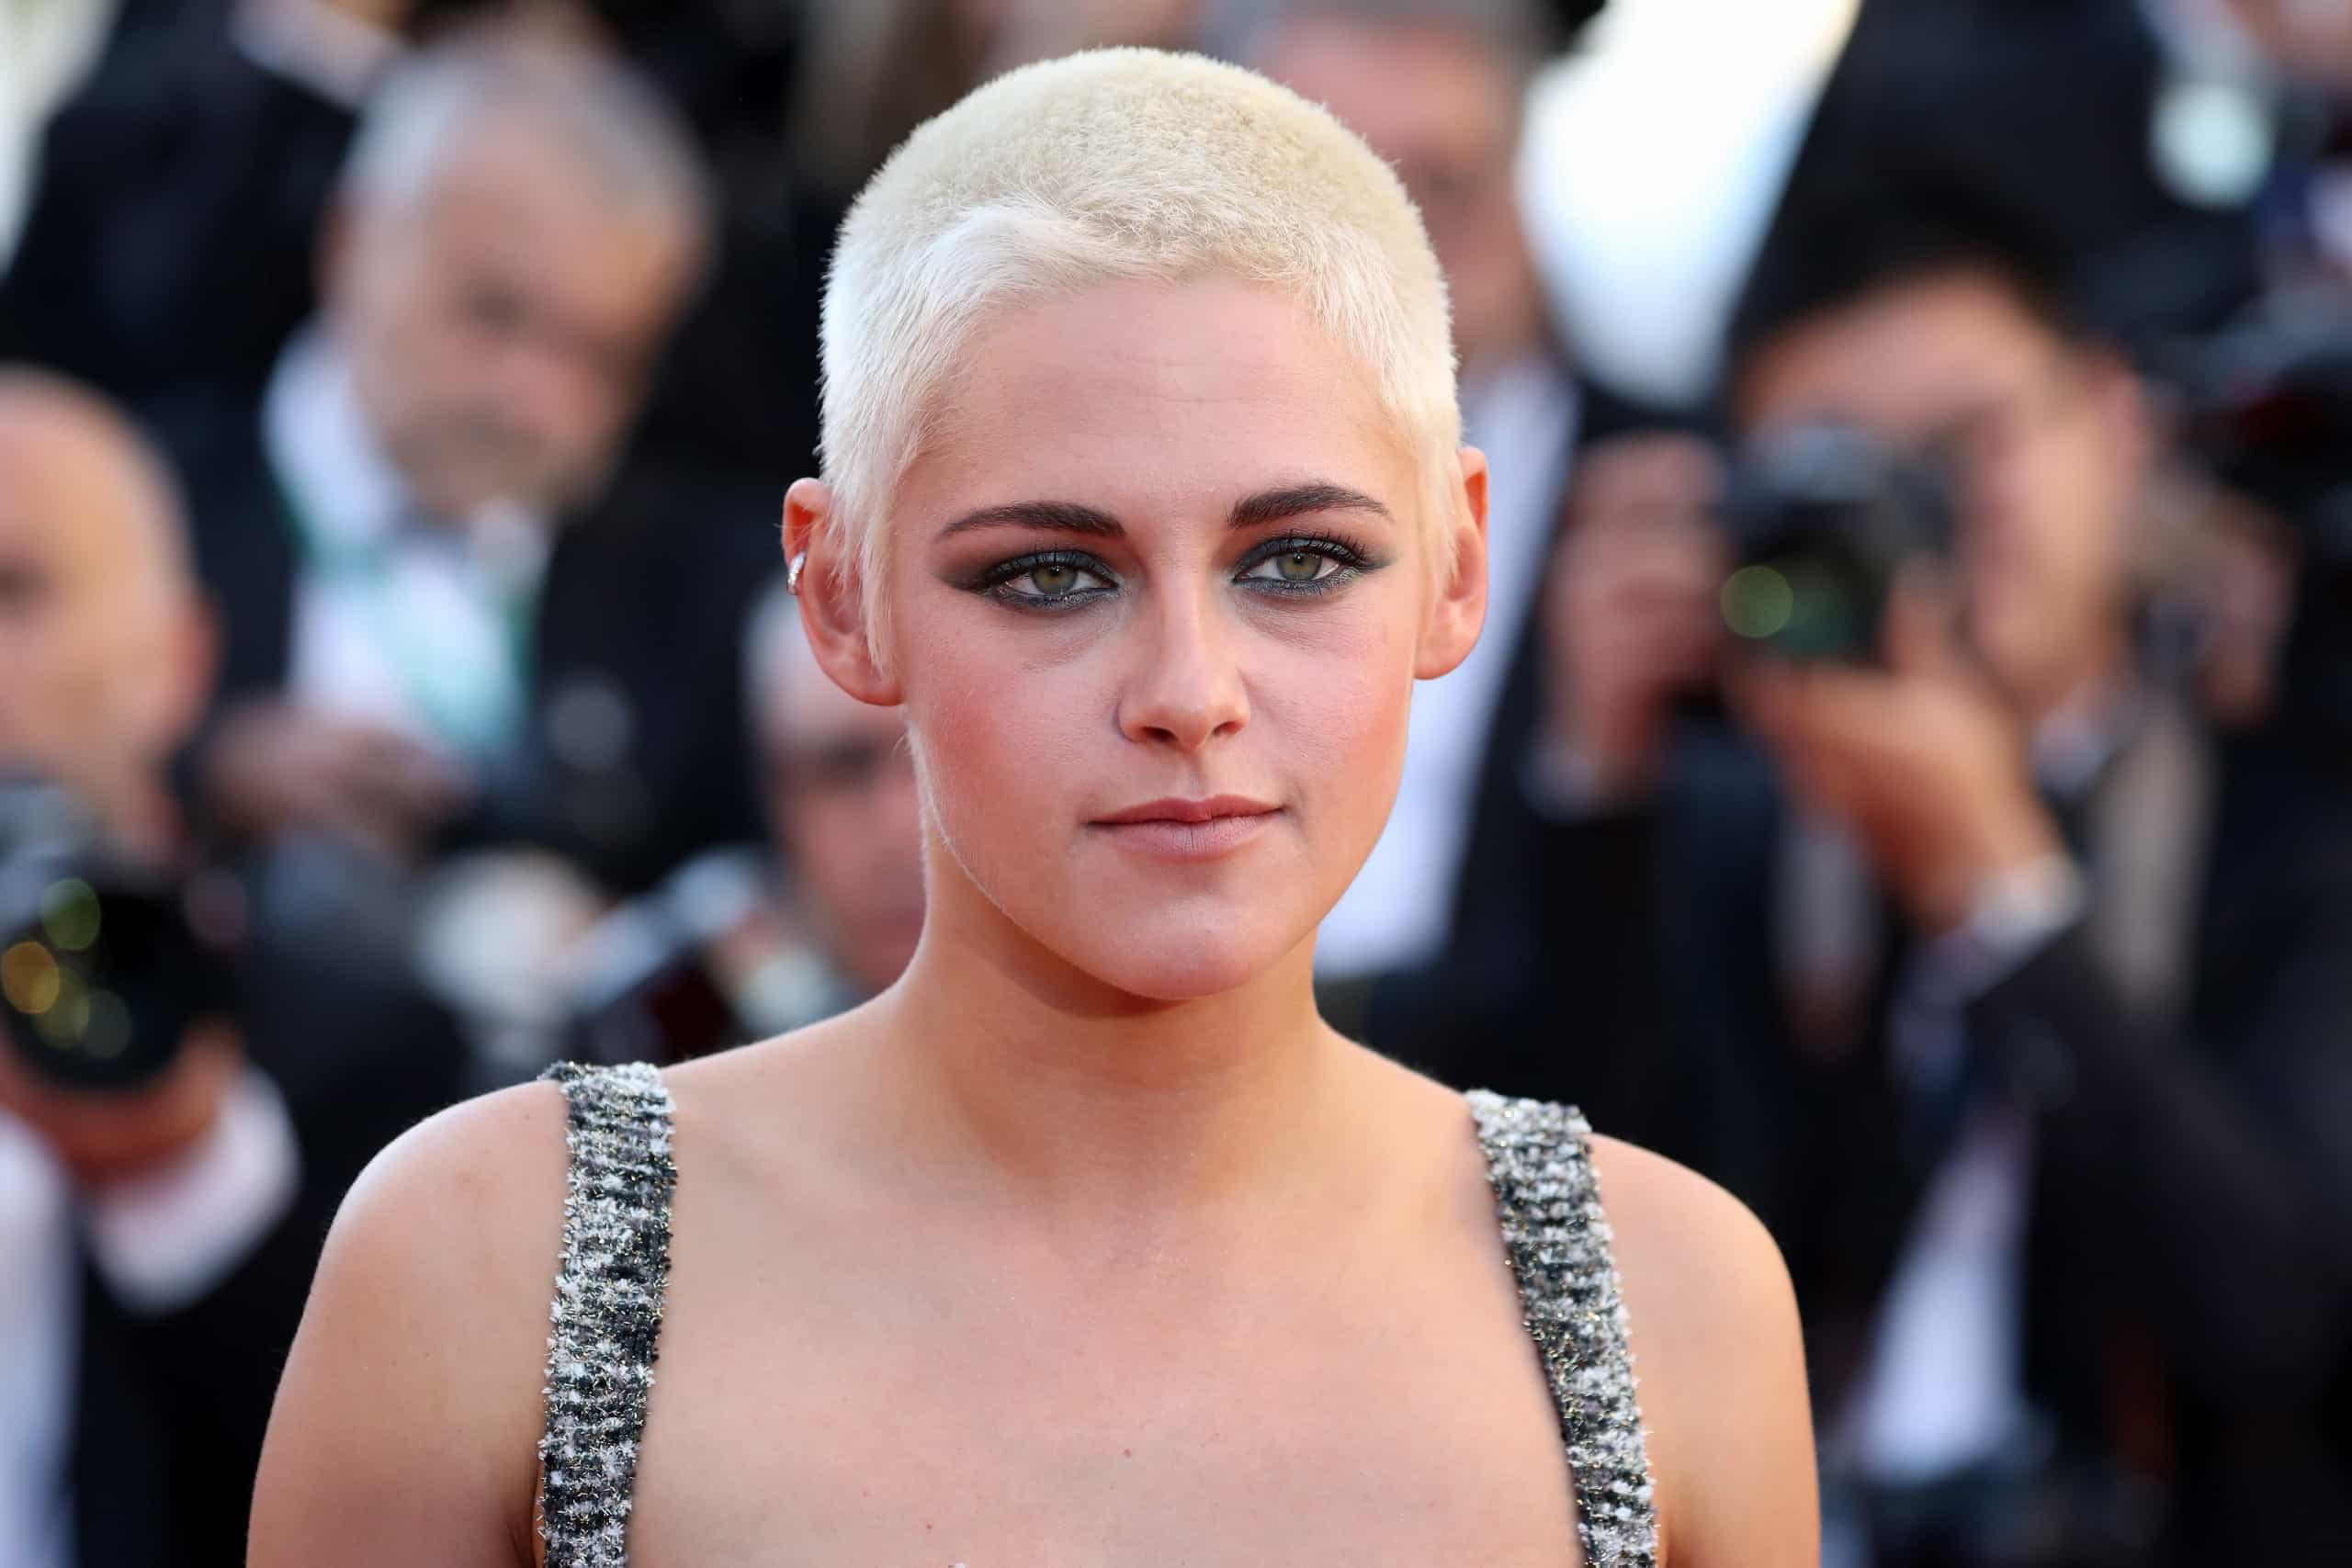 Sem sorrisos: As celebridades mais sérias da passadeira vermelha